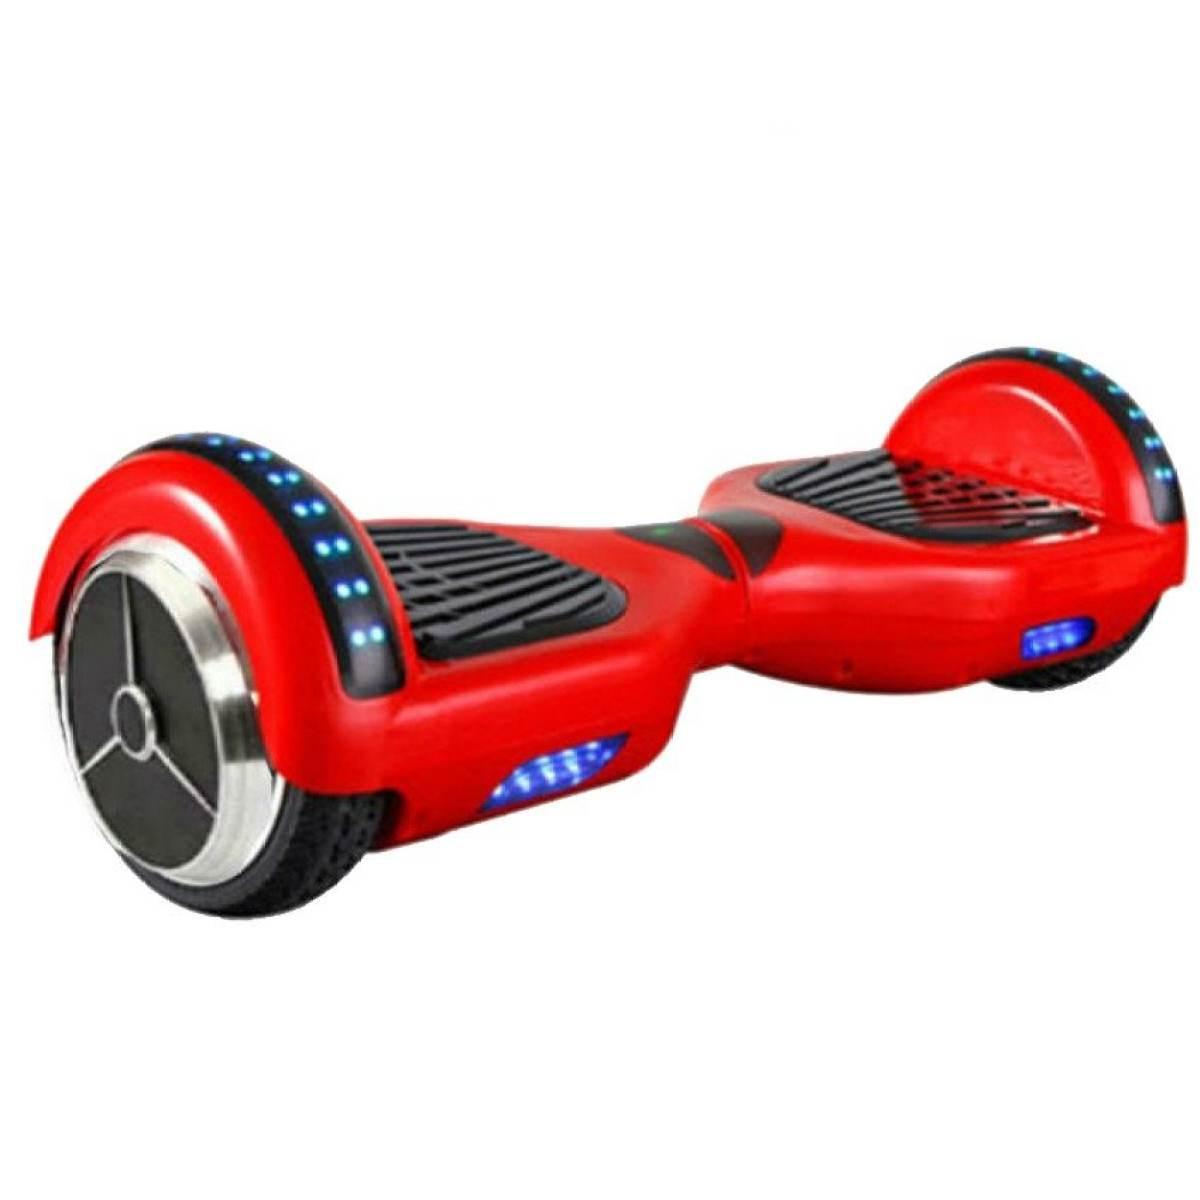 Đánh giá, review Xe điện tự cân bằng thông minh Smart Balance Wheel 6.5 inch